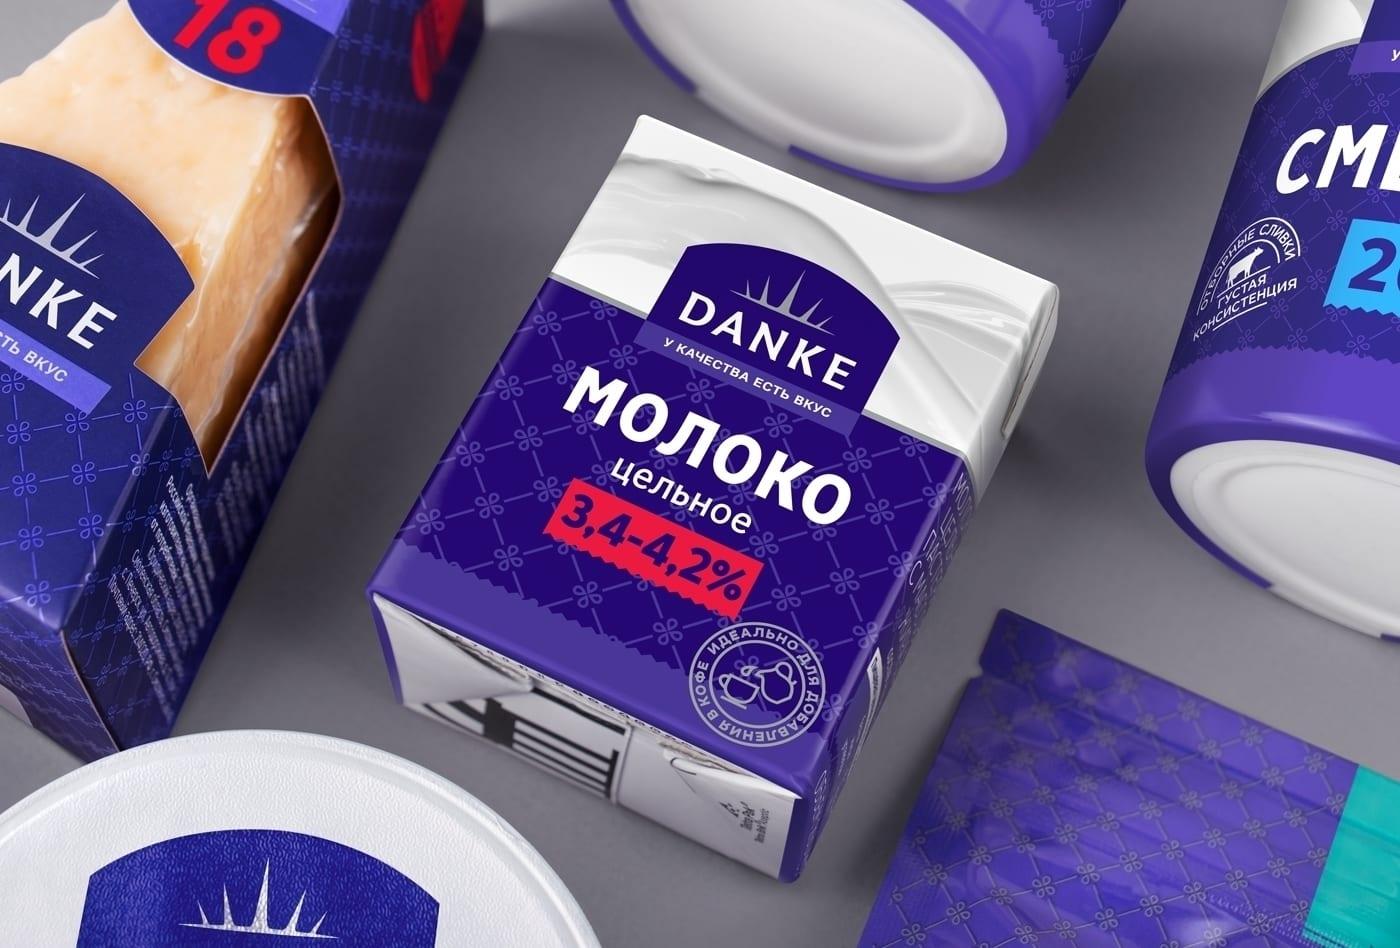 DANKE 7 - Ach, tie obaly – Danke Dairy mléčné výrobky